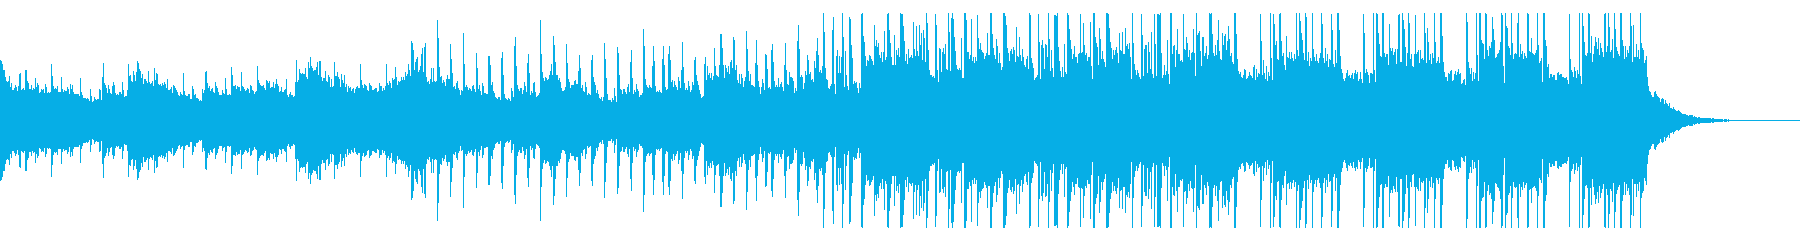 ボーカルチョップが可愛いPOPの再生済みの波形